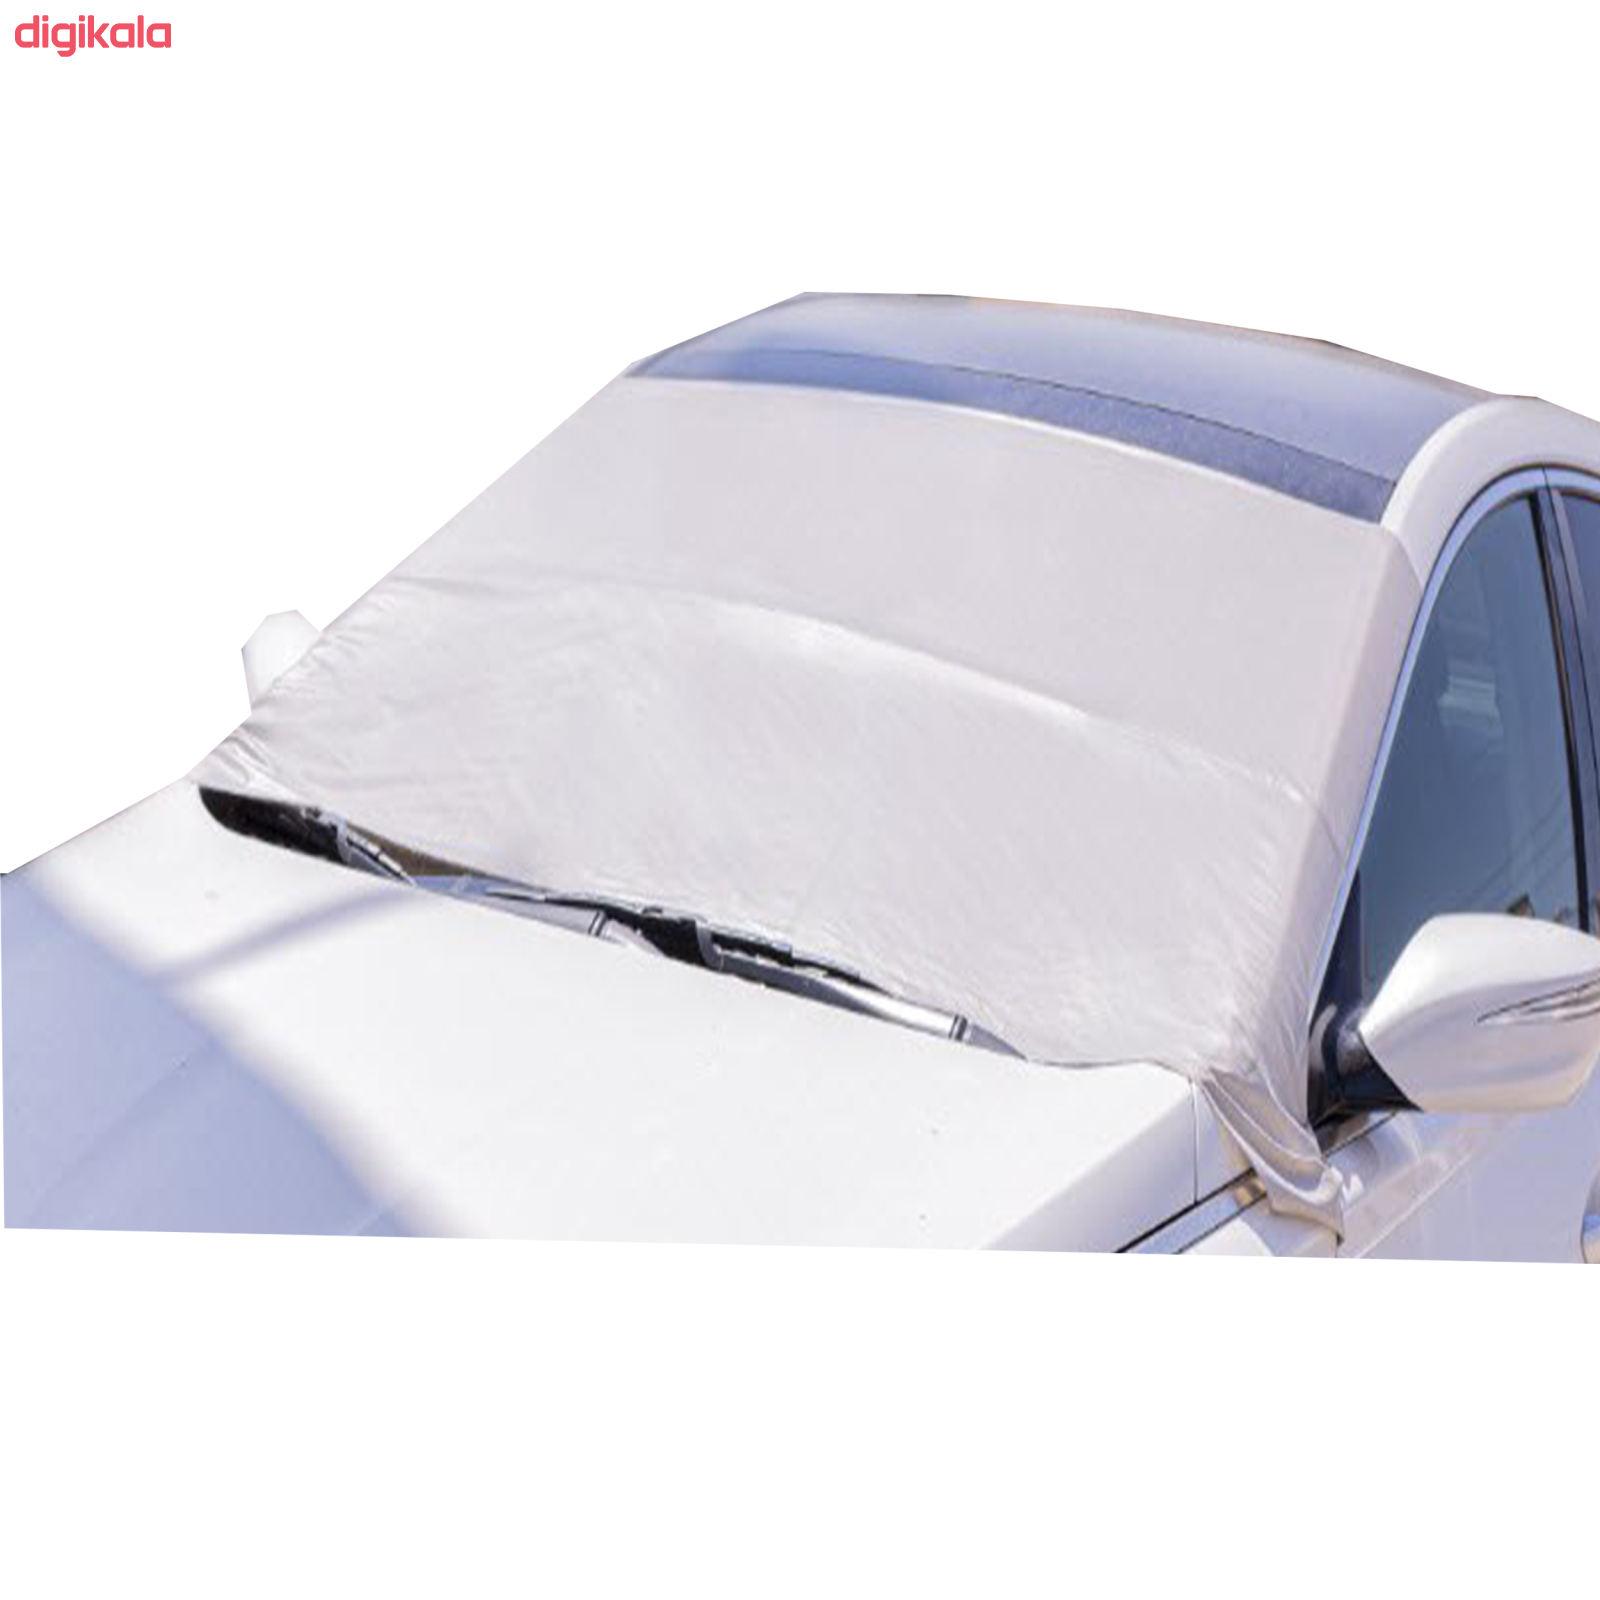 آفتابگیر شیشه جلو خودرو بابل مدل تانیک main 1 6